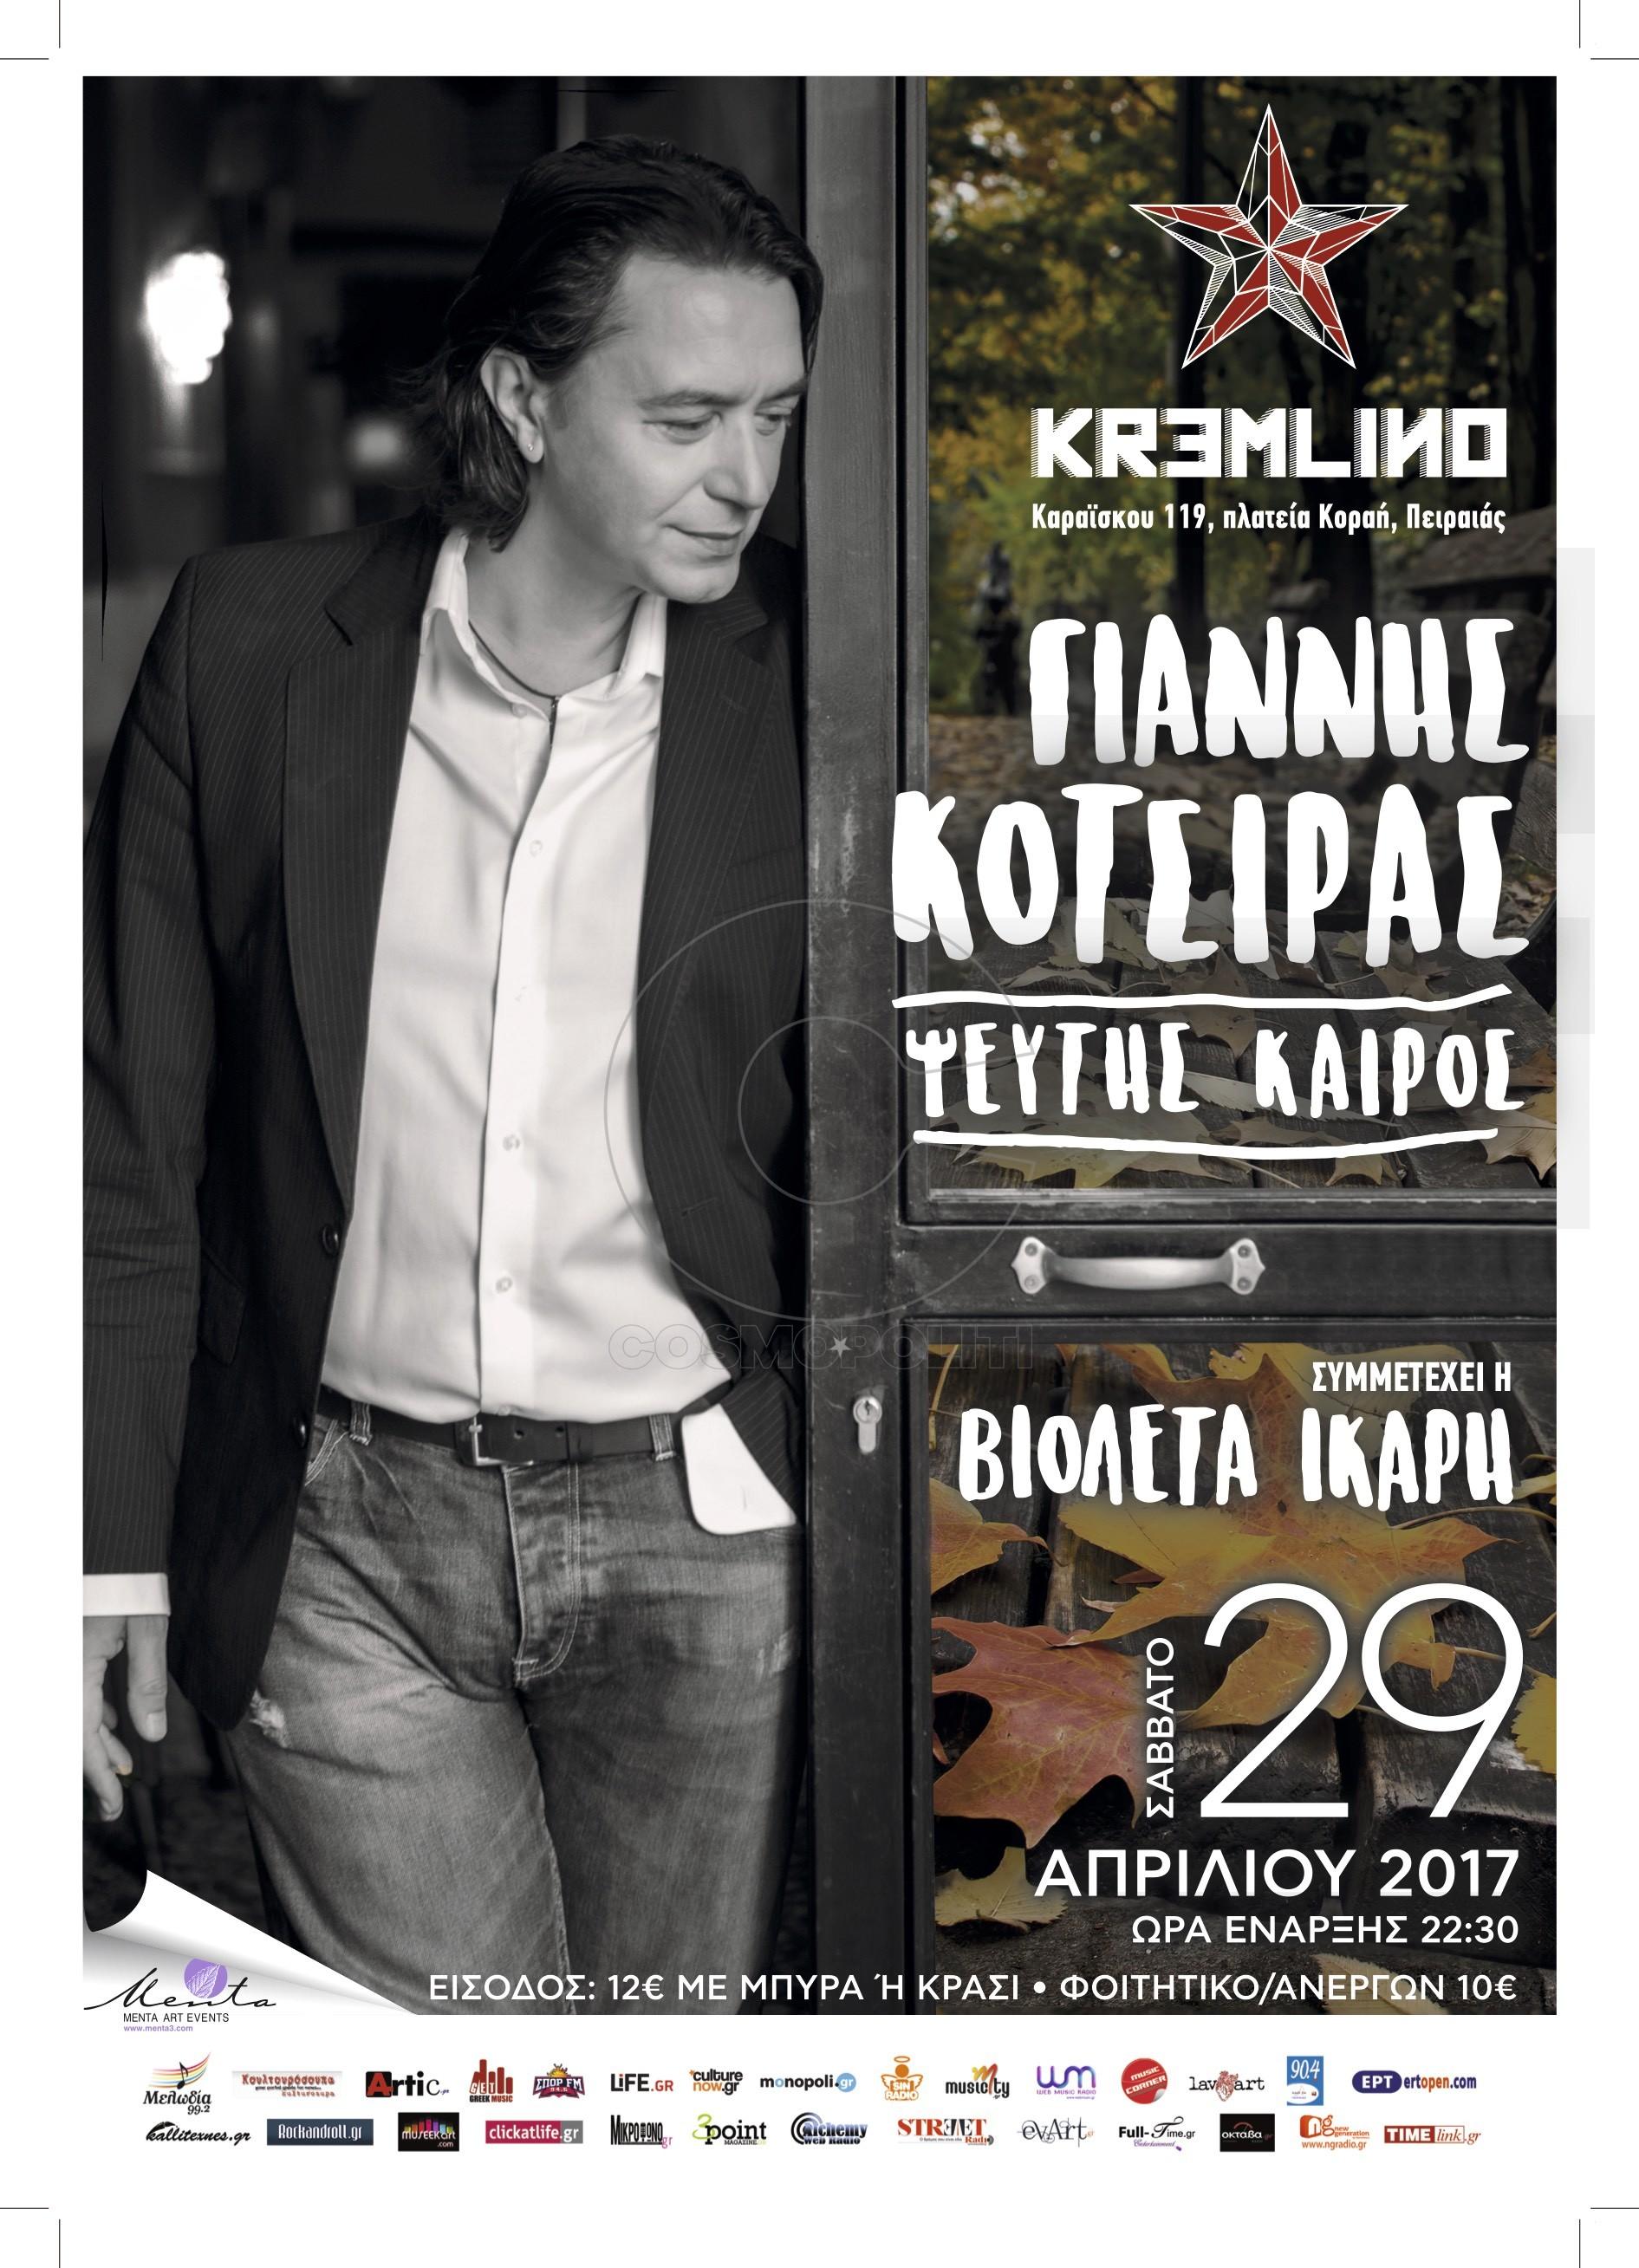 Κότσιρας Κρεμλίνο Α3 FINAL_xorigoi